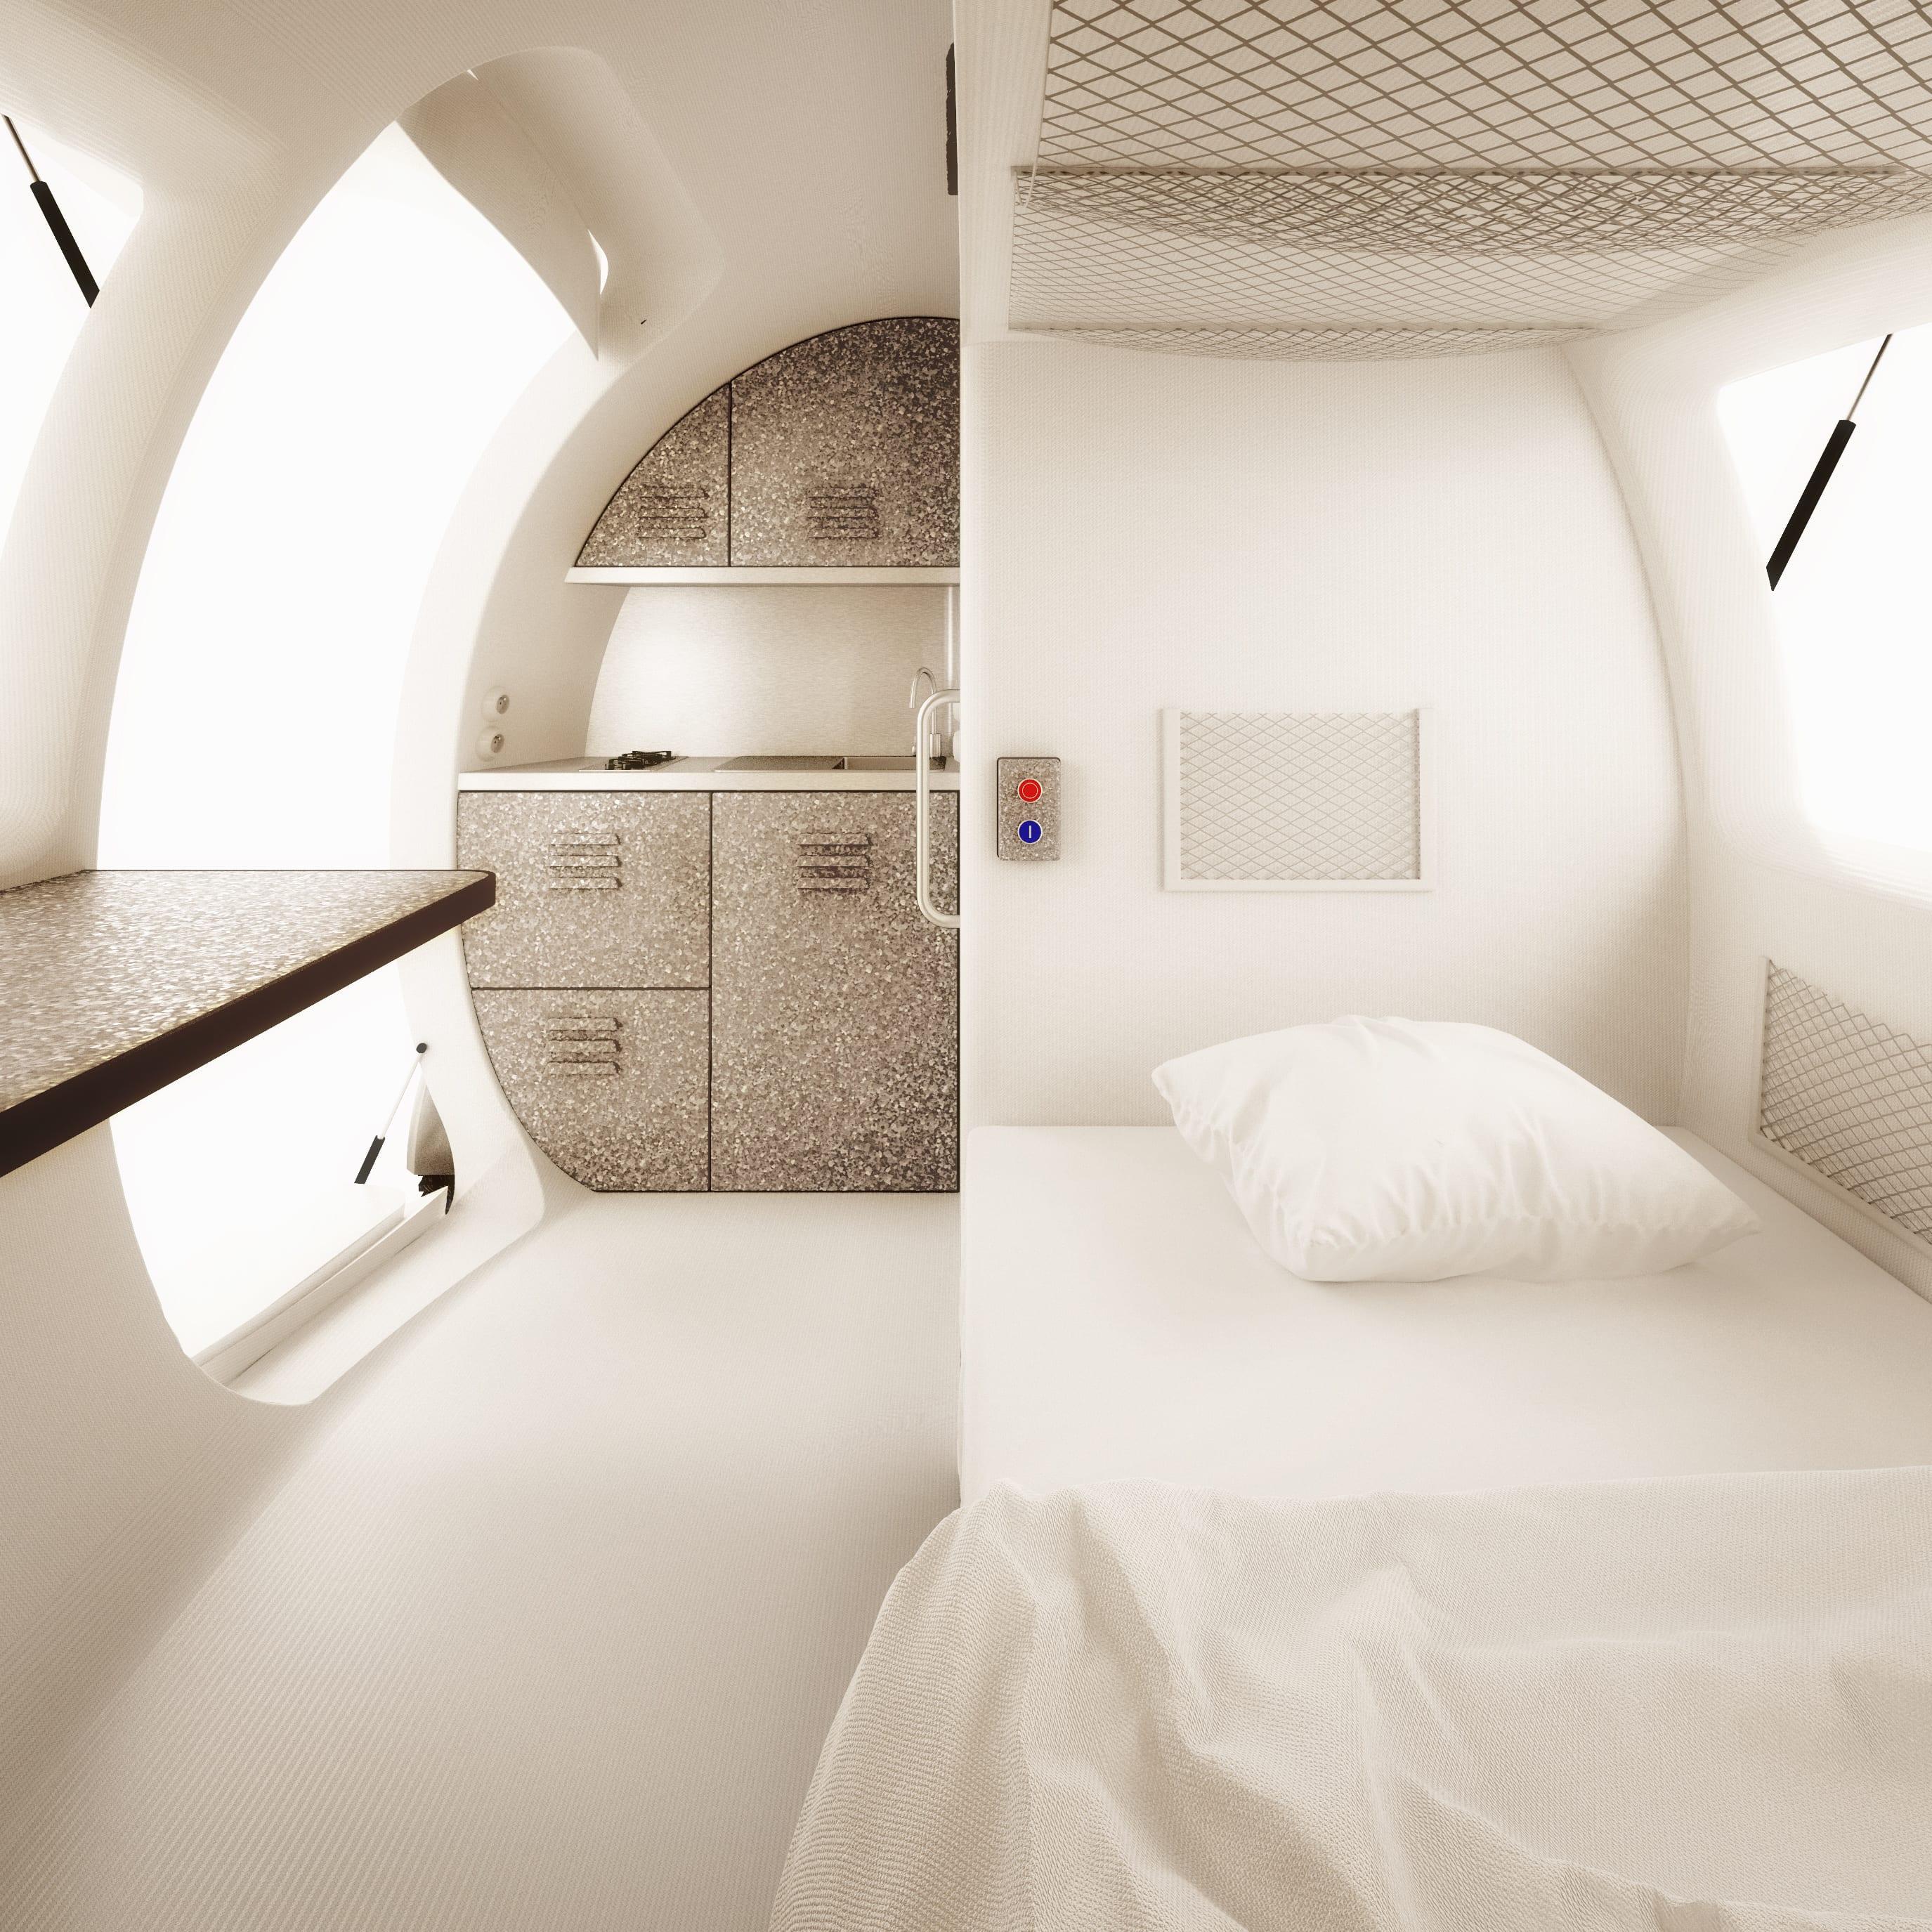 ein kleines wohnmobil von innen mit schlafnische und kleiner k cke freshouse. Black Bedroom Furniture Sets. Home Design Ideas